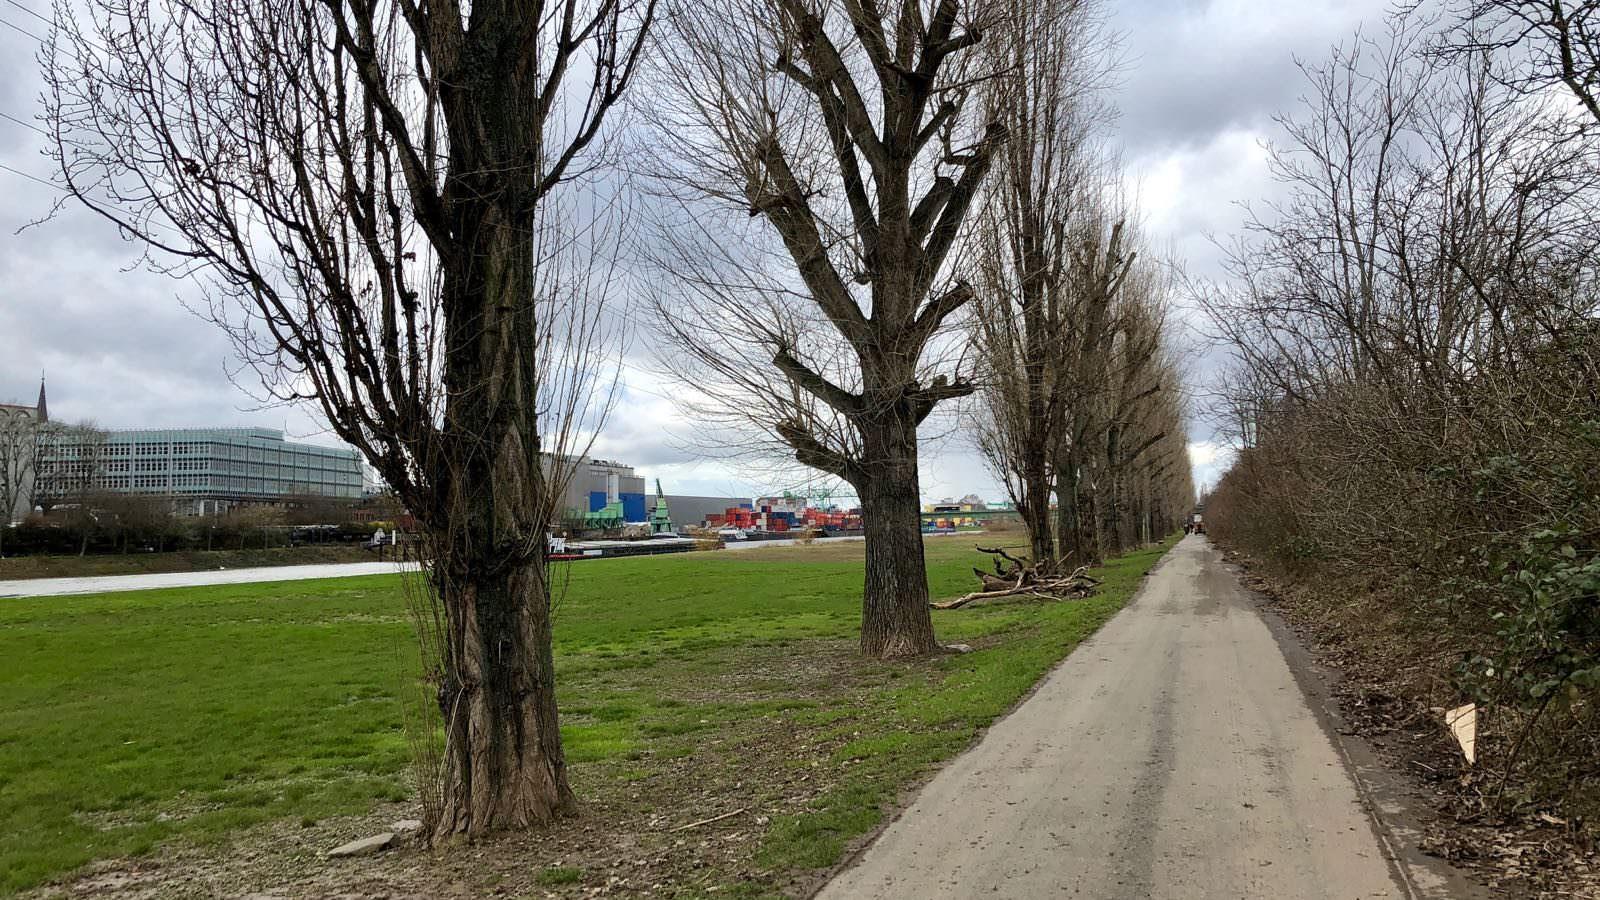 Bis nächstes Jahr wird wohl keine der Pappeln mehr stehen. Im Februar werden zunächst 24 von 63 Bäumen gefällt, der Rest folgt voraussichtlich in der nächsten Wintersaison | Foto: M. Schülke